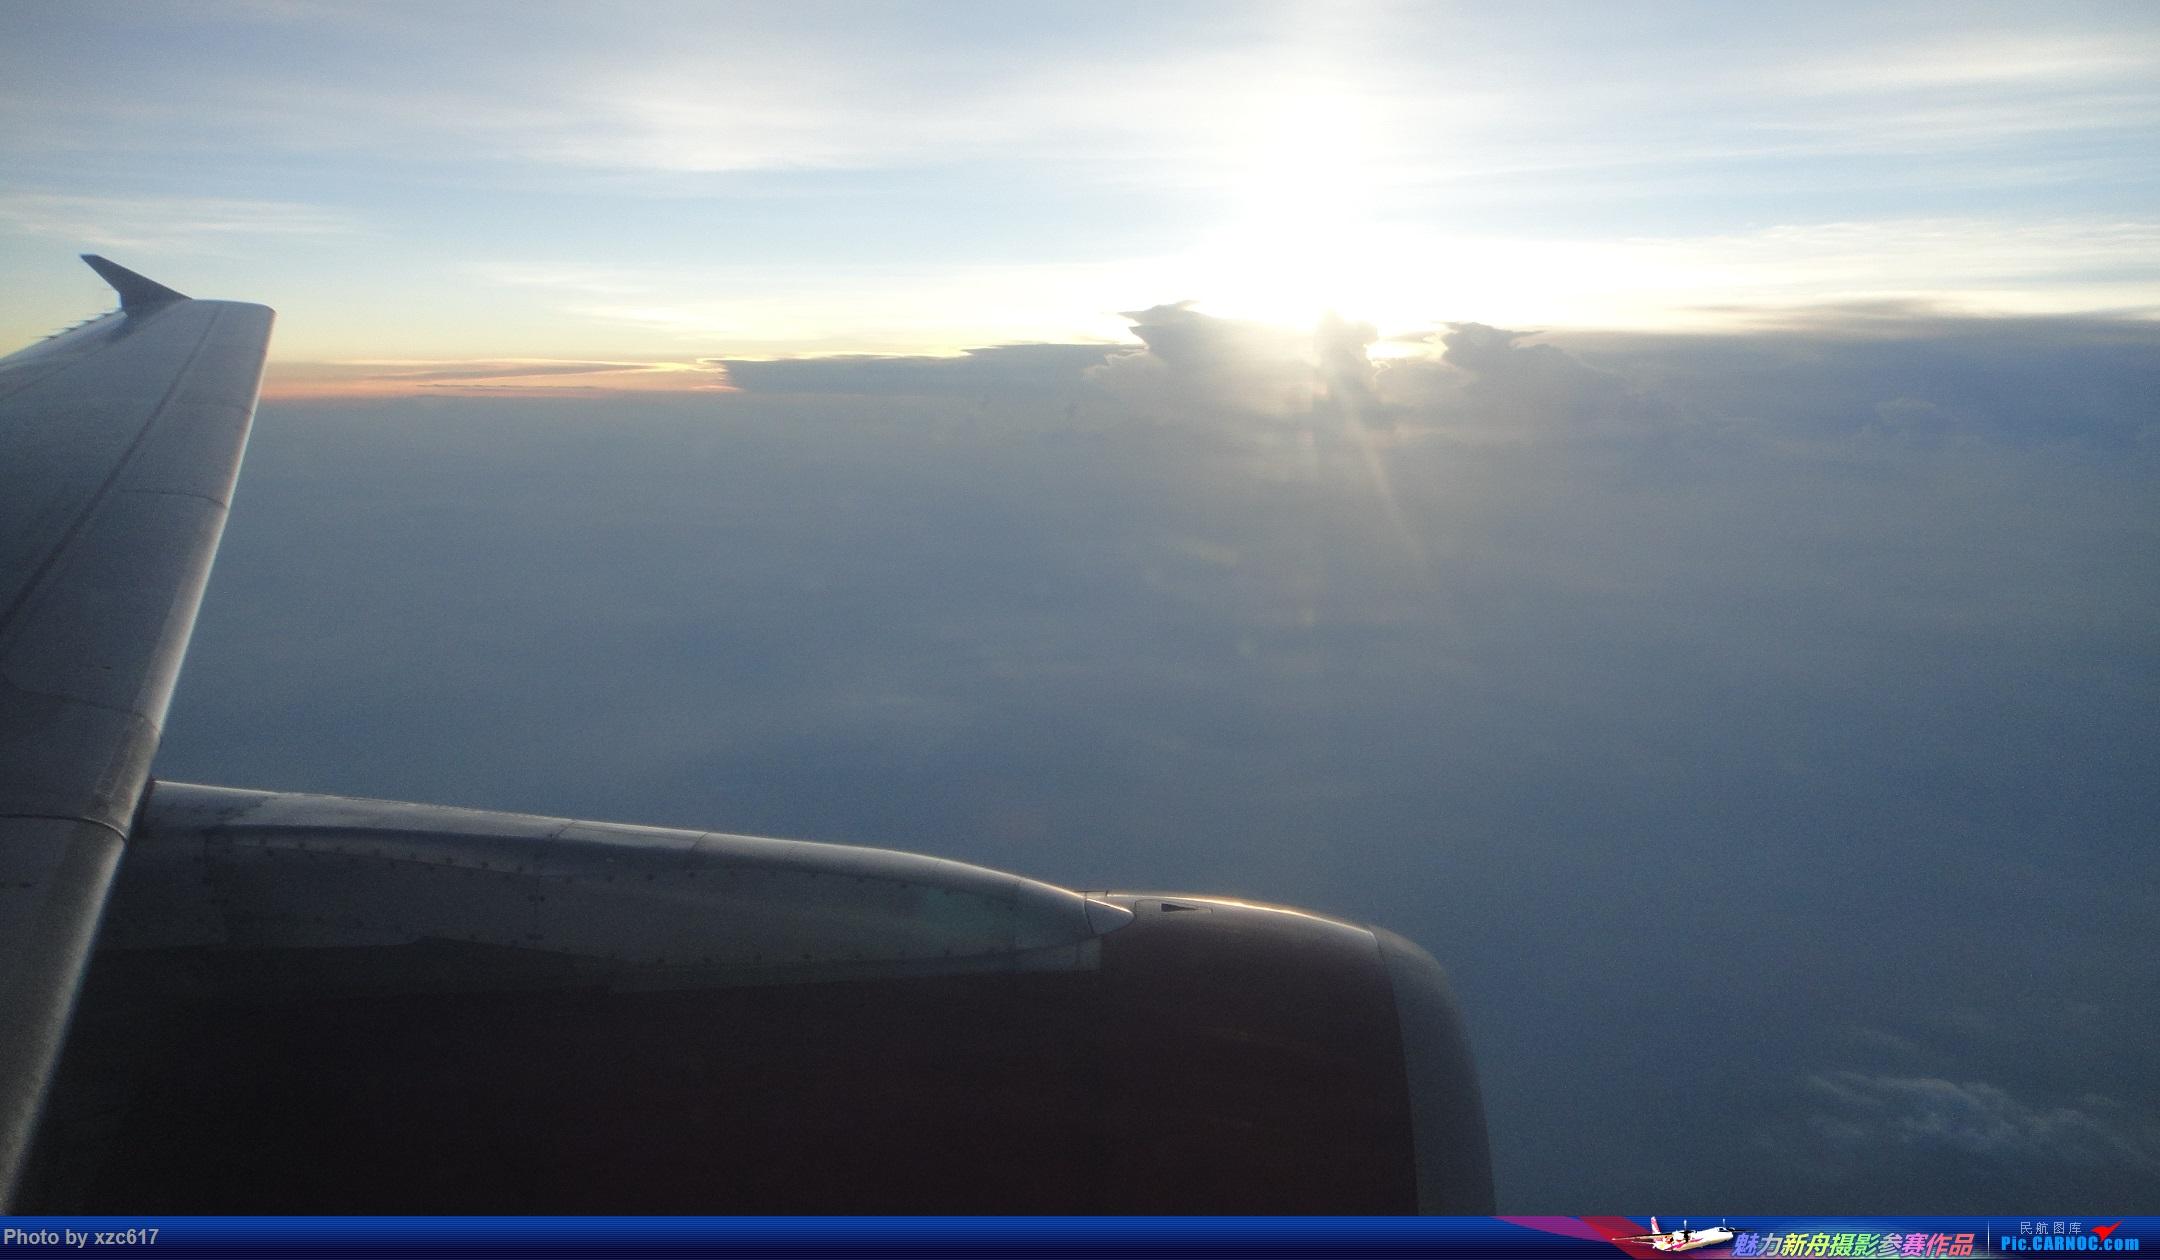 [原创][xzc617的飞行游记 NO.1] 由扬州到大连,平生第一次游海岛 AIRBUS A320-200 B-6736 中国南京禄口国际机场